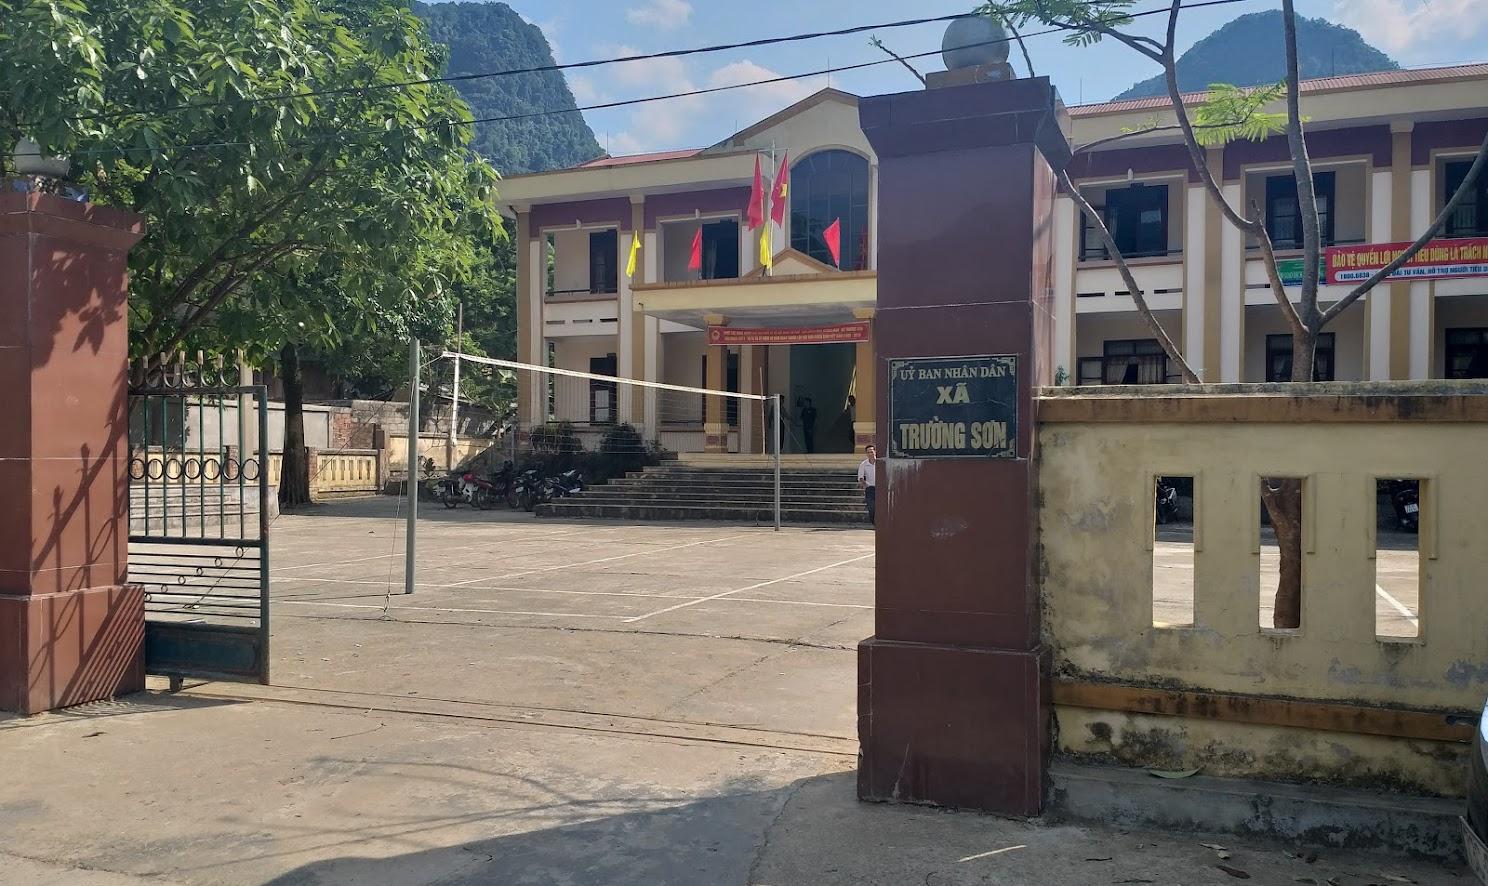 Trụ sở UBND xã Trường Sơn